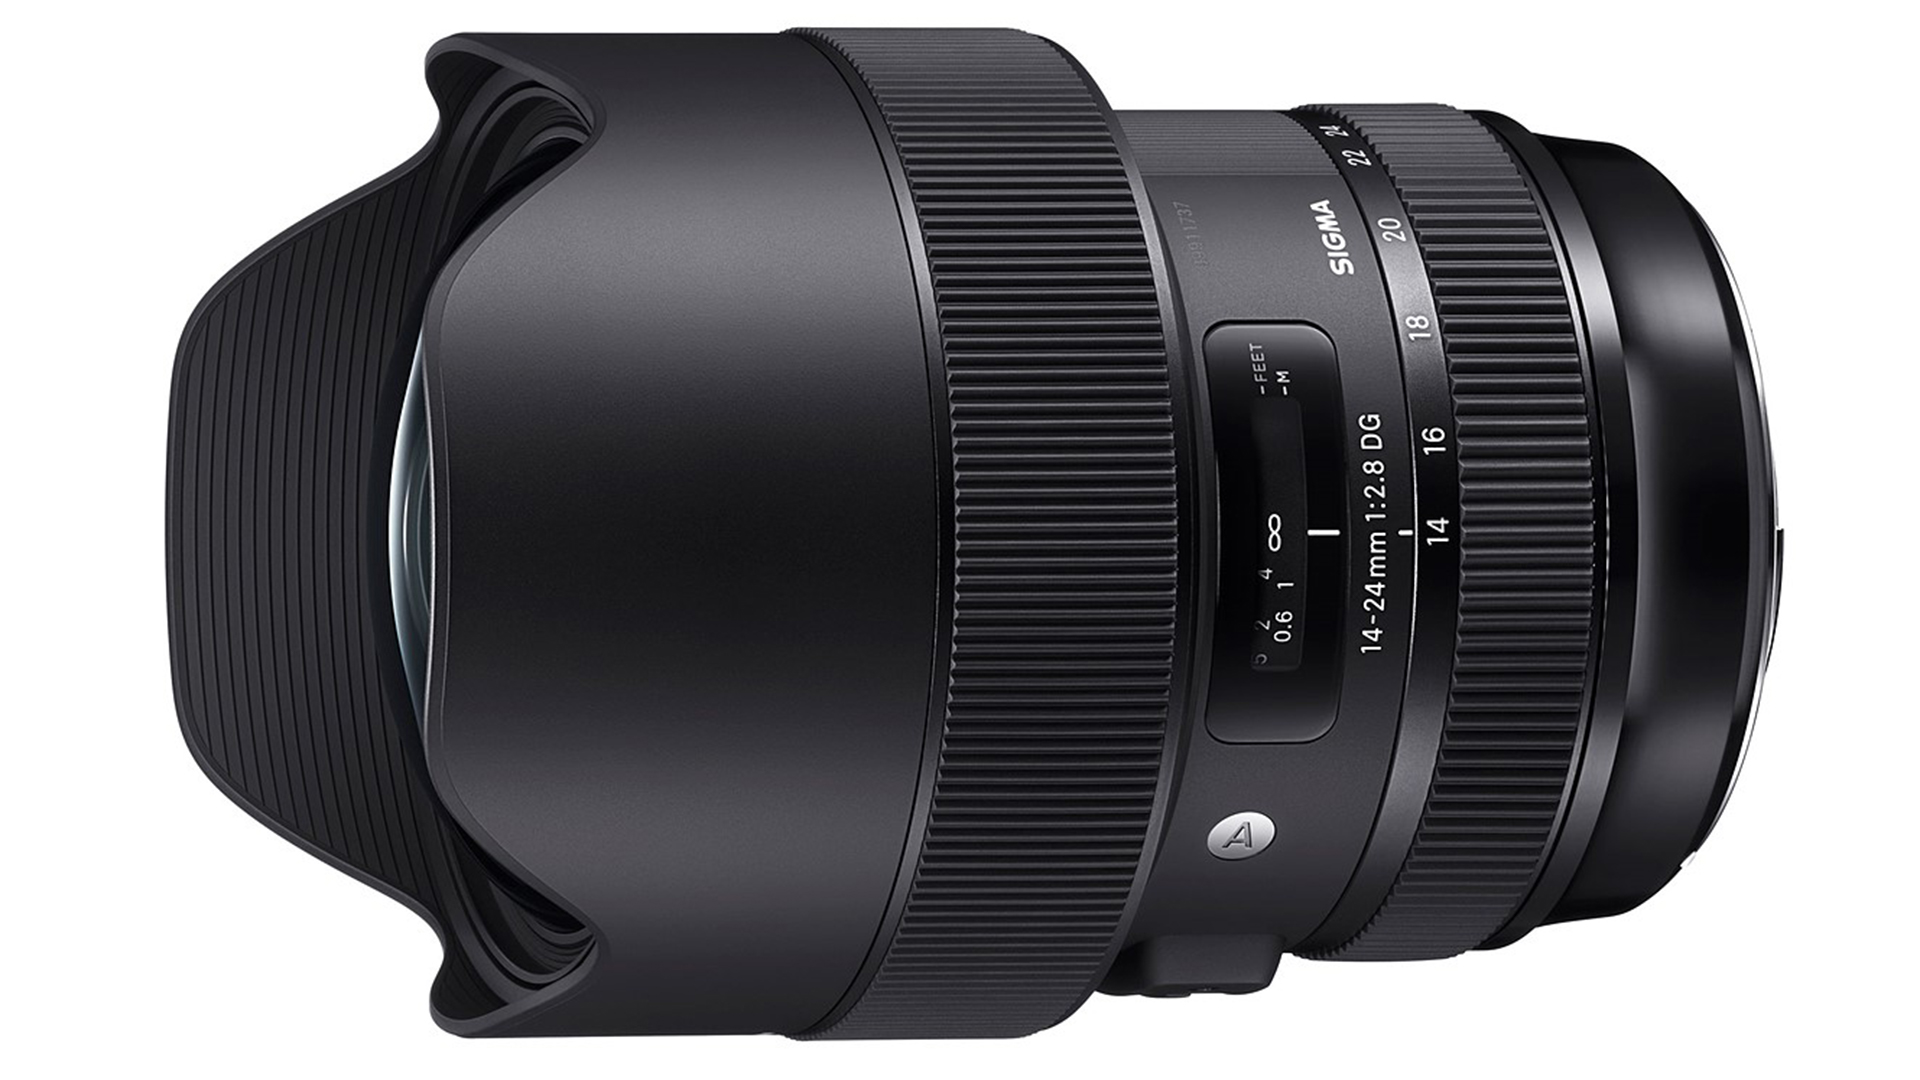 New Sigma 14-24mm f/2.8 Full Frame Art Lens   cinema5D